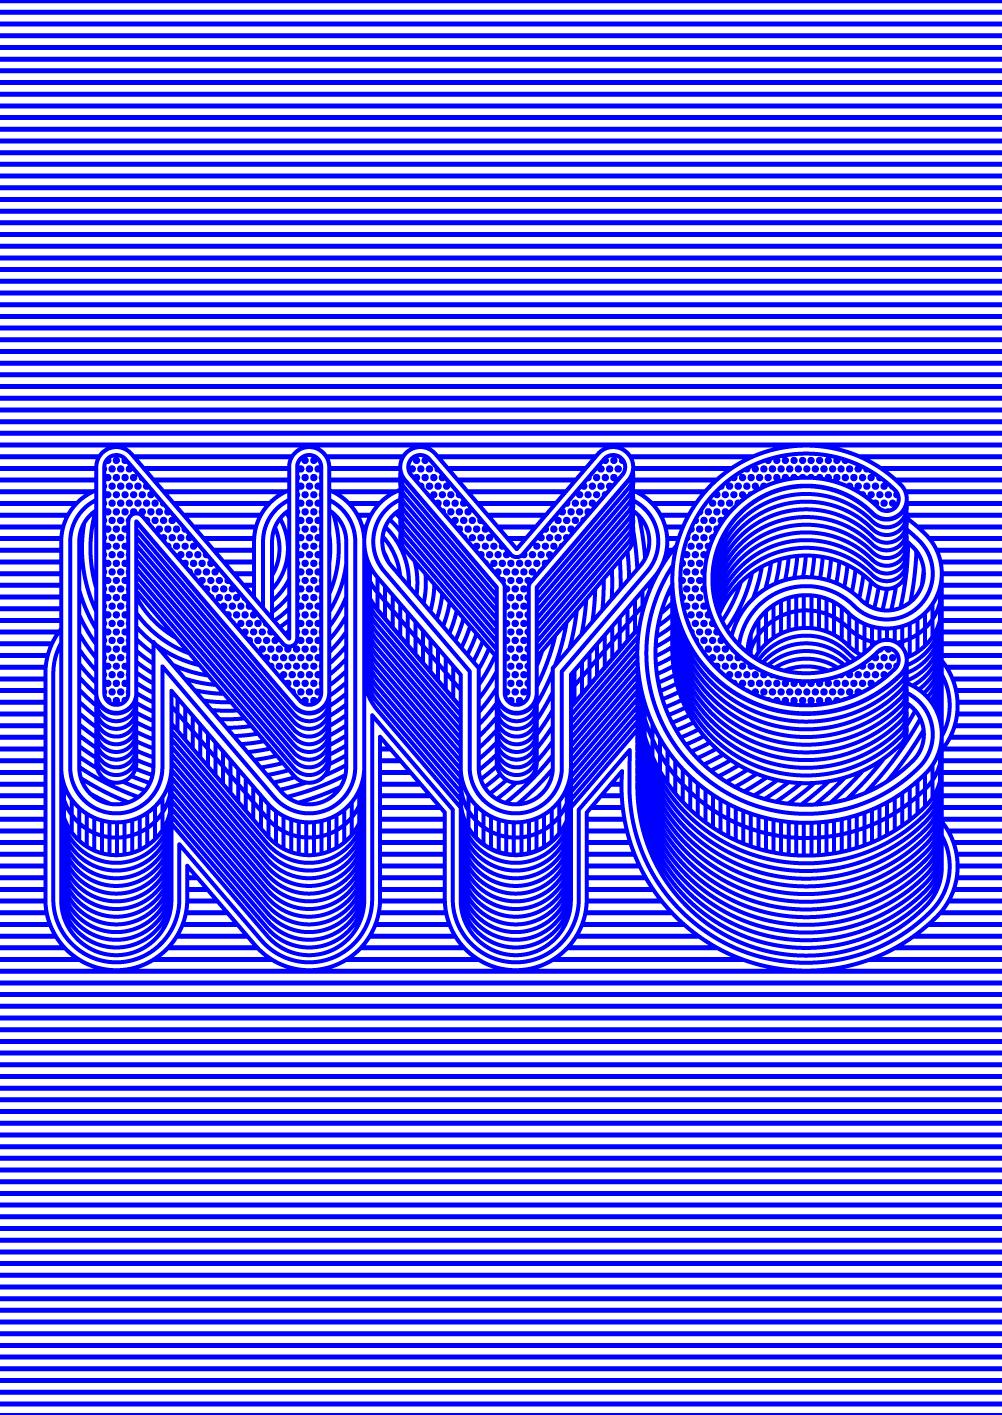 i481_POSTER-NYCBLUE.png